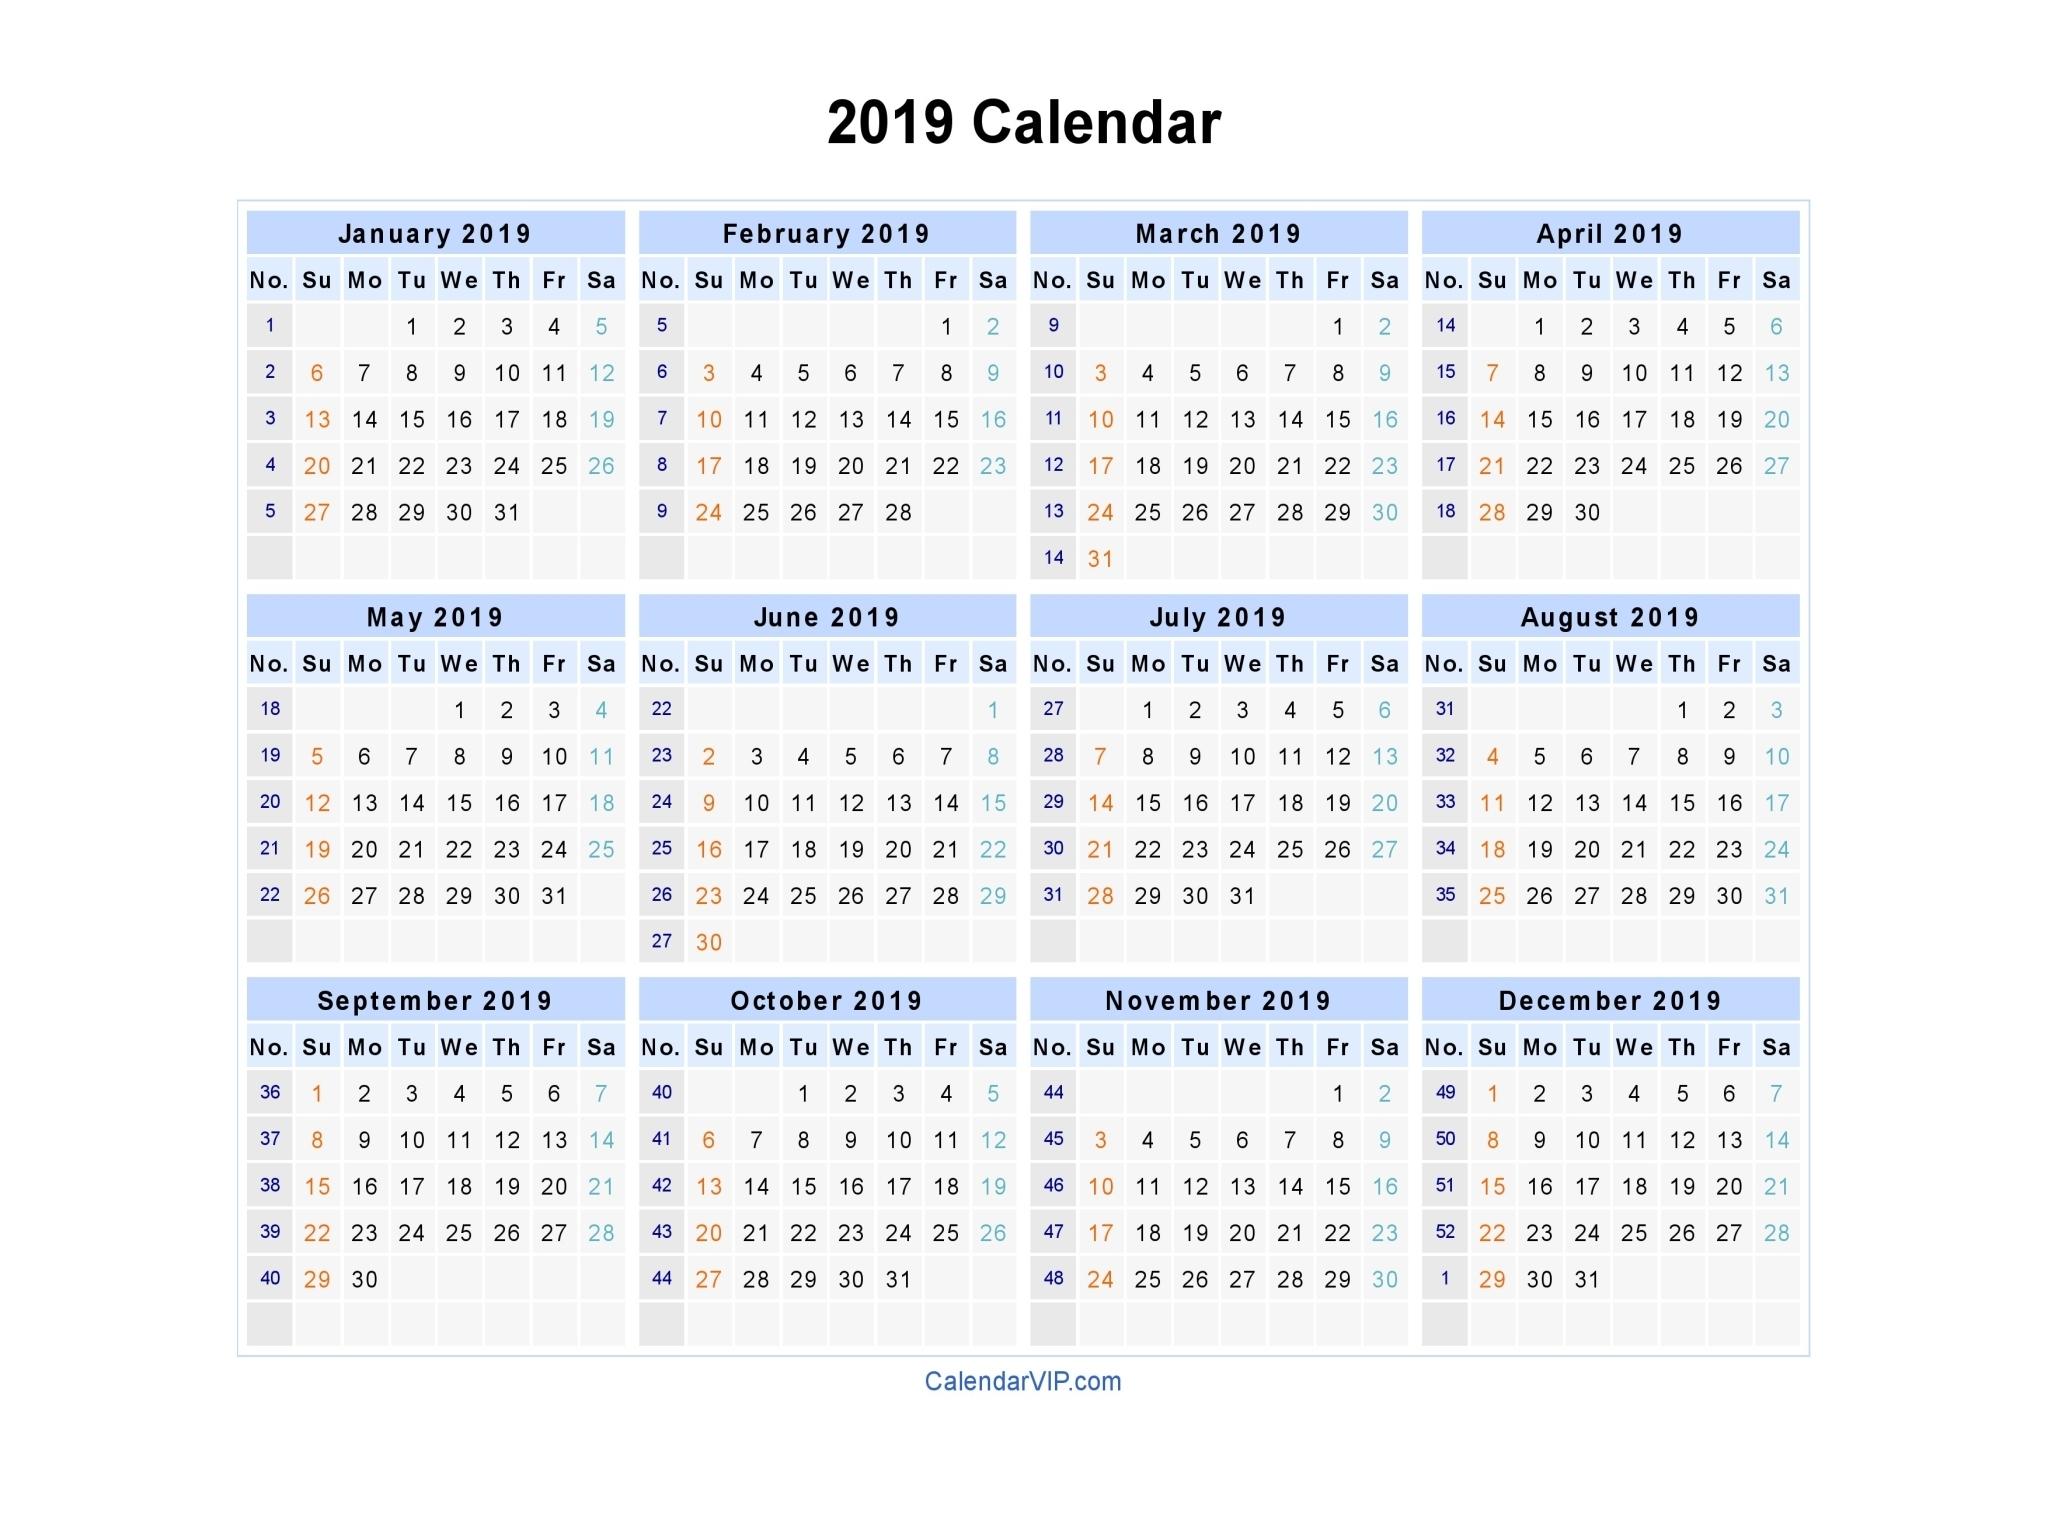 Printable Calendar 2019 With Week Numbers | Printable Calendar 2019